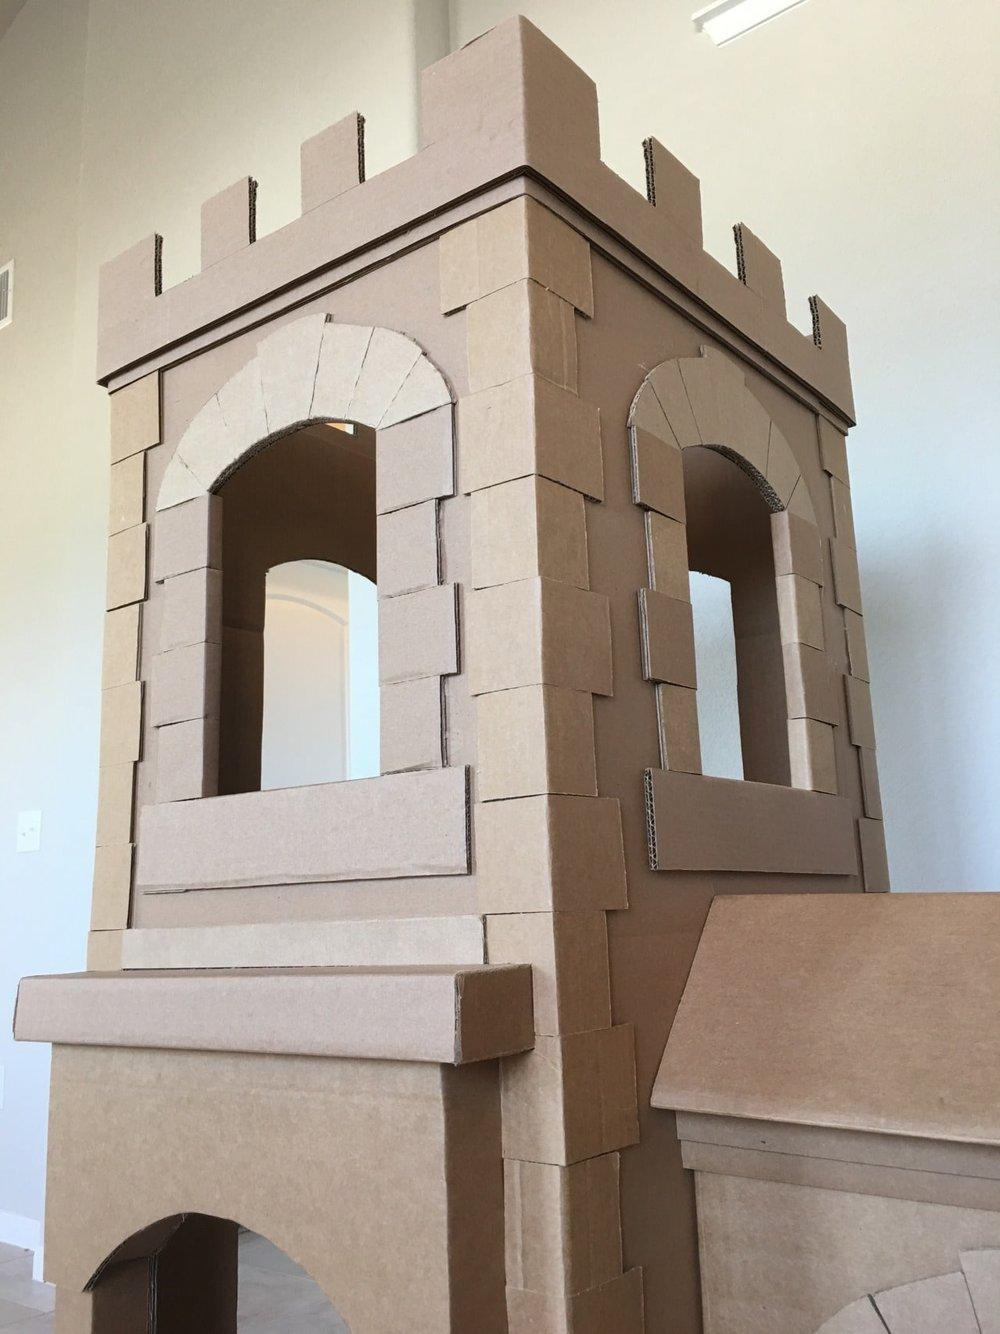 cardboard-castle-7.jpg